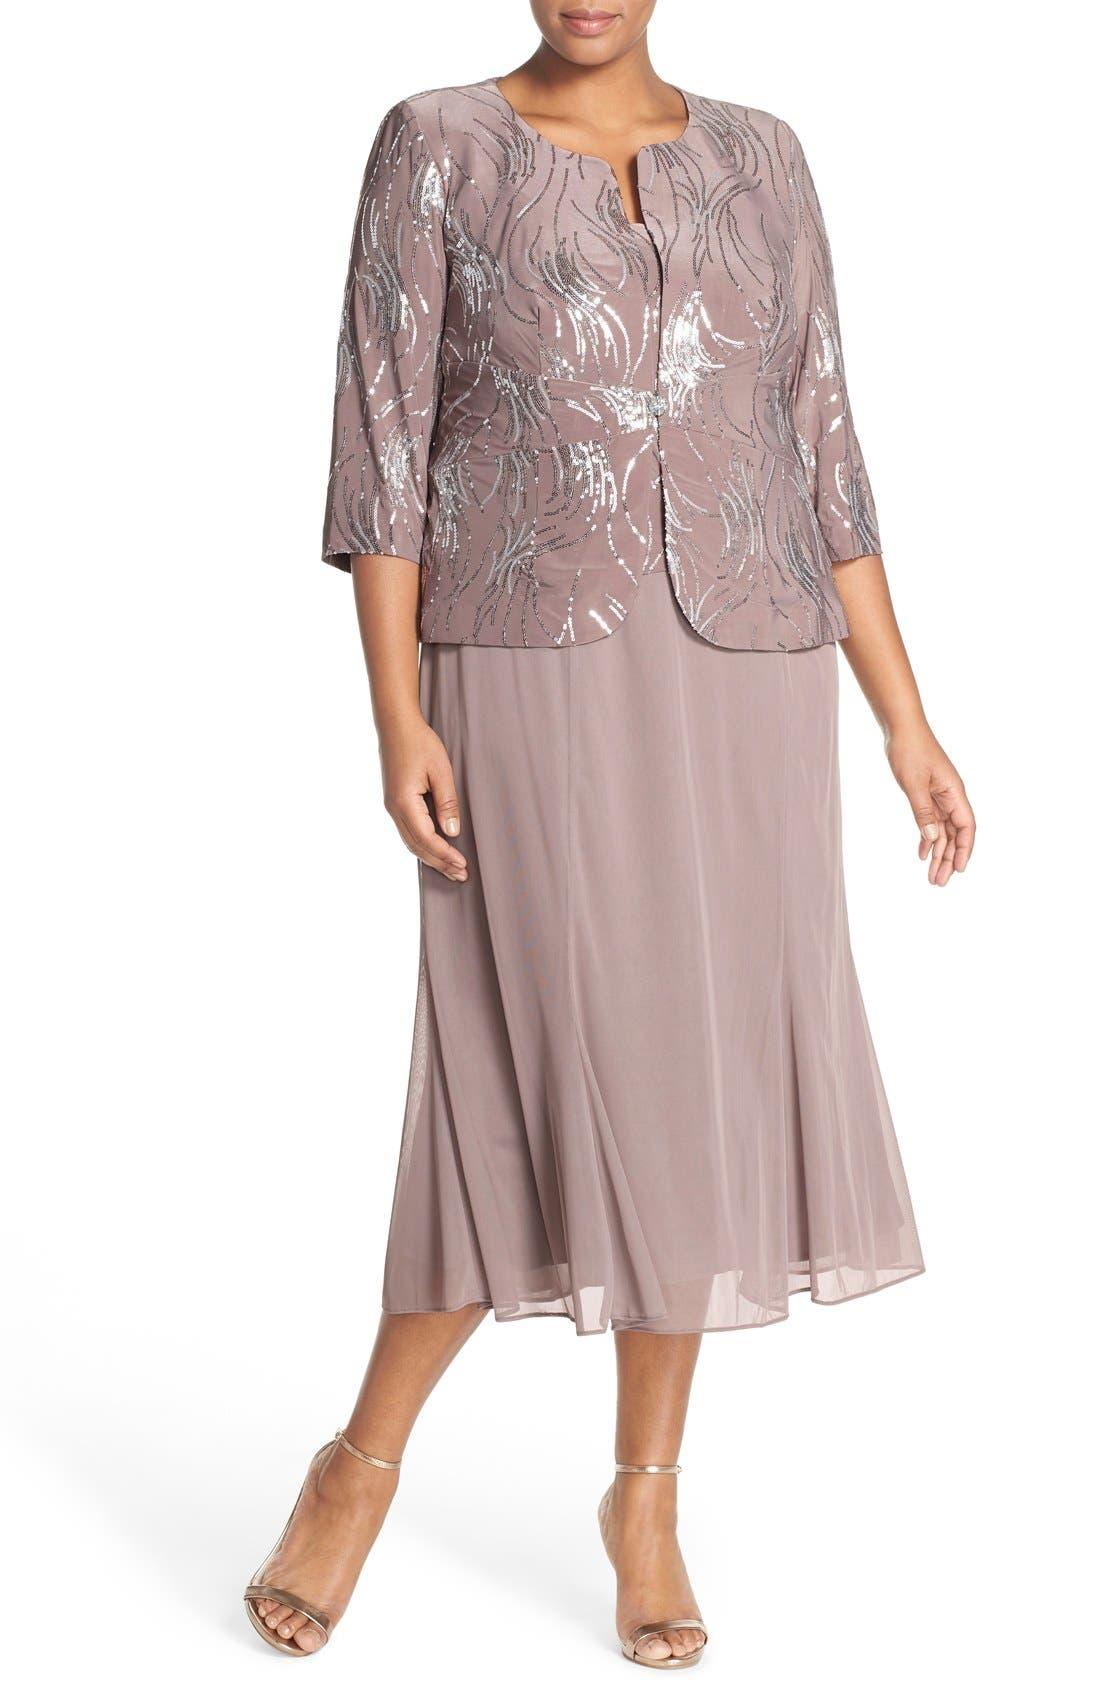 1930s Art Deco Plus Size Dresses | Tea Dresses, Party Dresses Plus Size Womens Alex Evenings Sequin Mock Two-Piece Dress With Jacket Size 14W - Metallic $209.00 AT vintagedancer.com